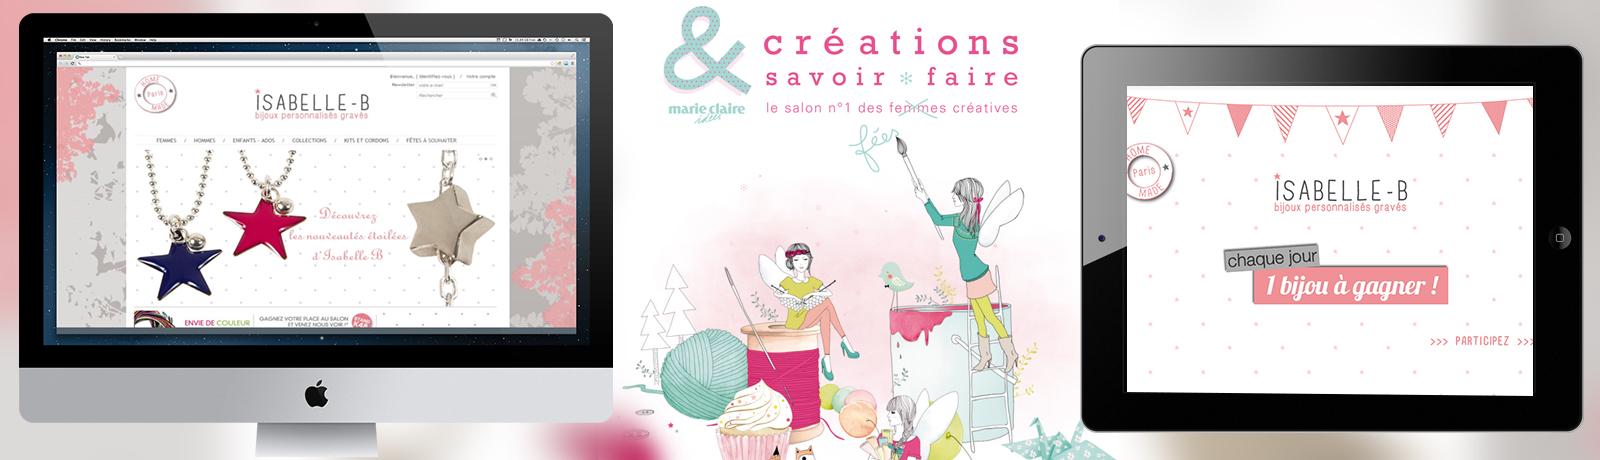 Isabelle-B au salon Création & Savoir-faire